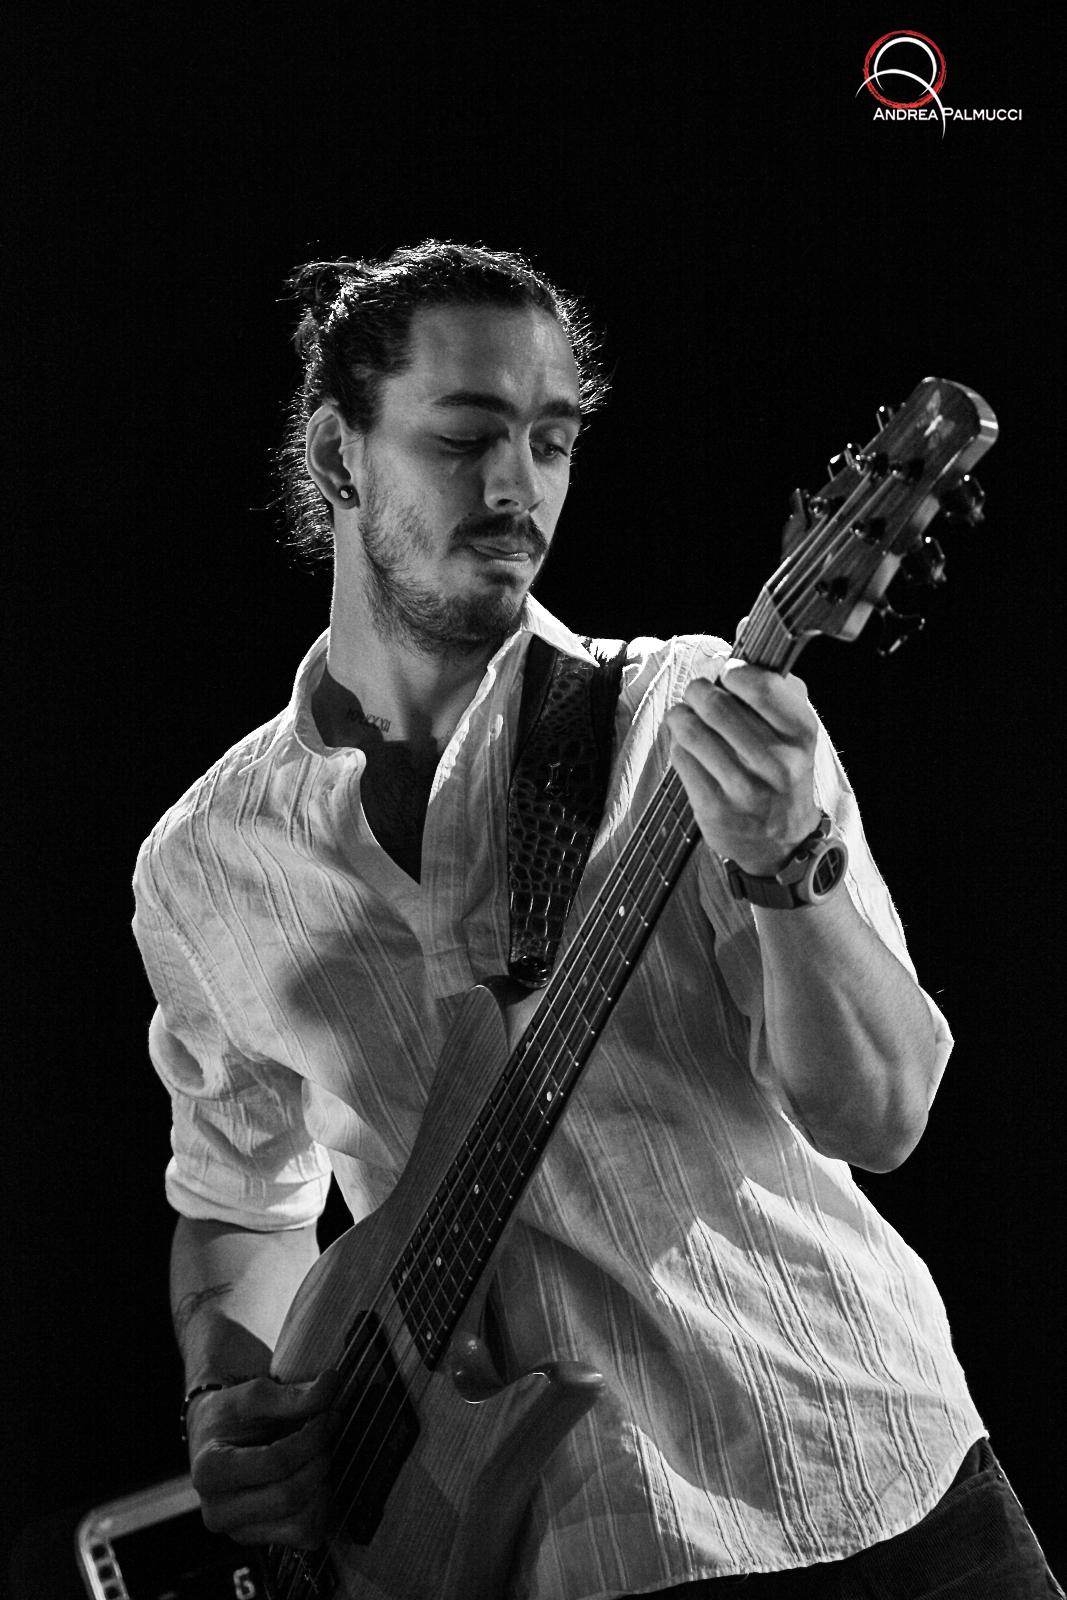 Felix Pastorius